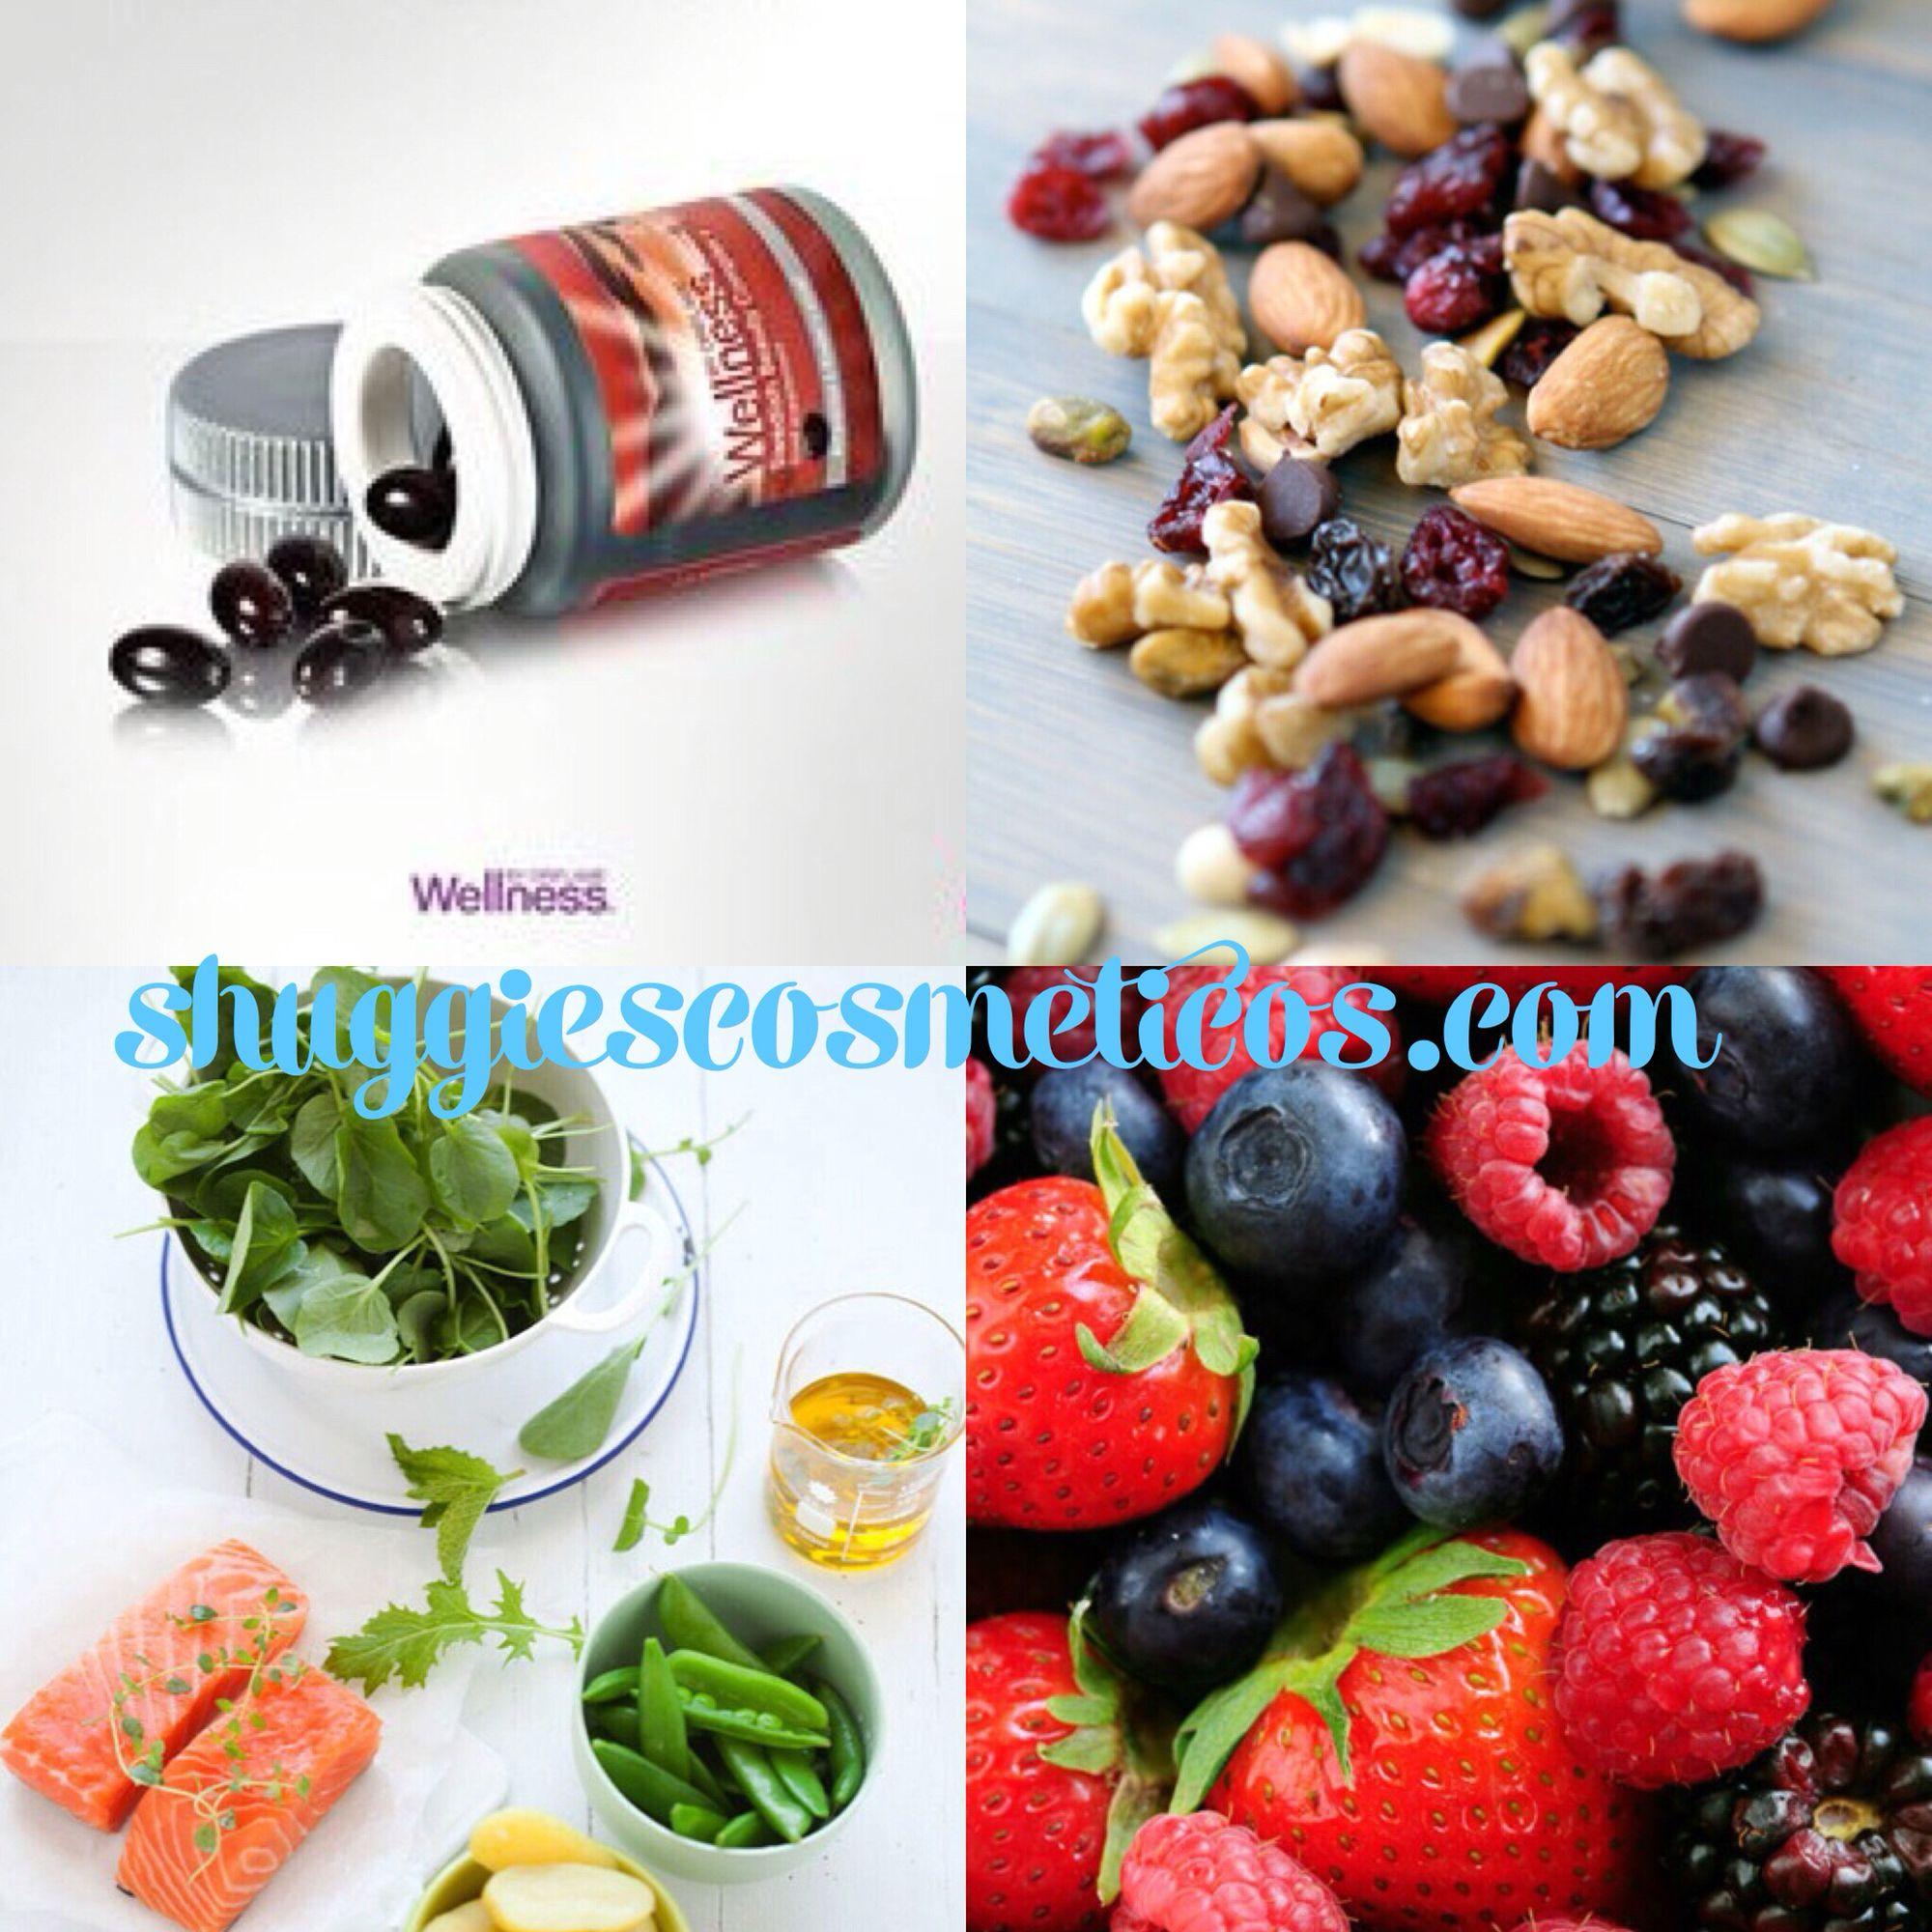 O seu corpo é a sua maior paixão .Venha conhecer a linha Wellness  e dê ao seu corpo uma chance .  Visite-nos em: www.shuggiescosmeticos.com